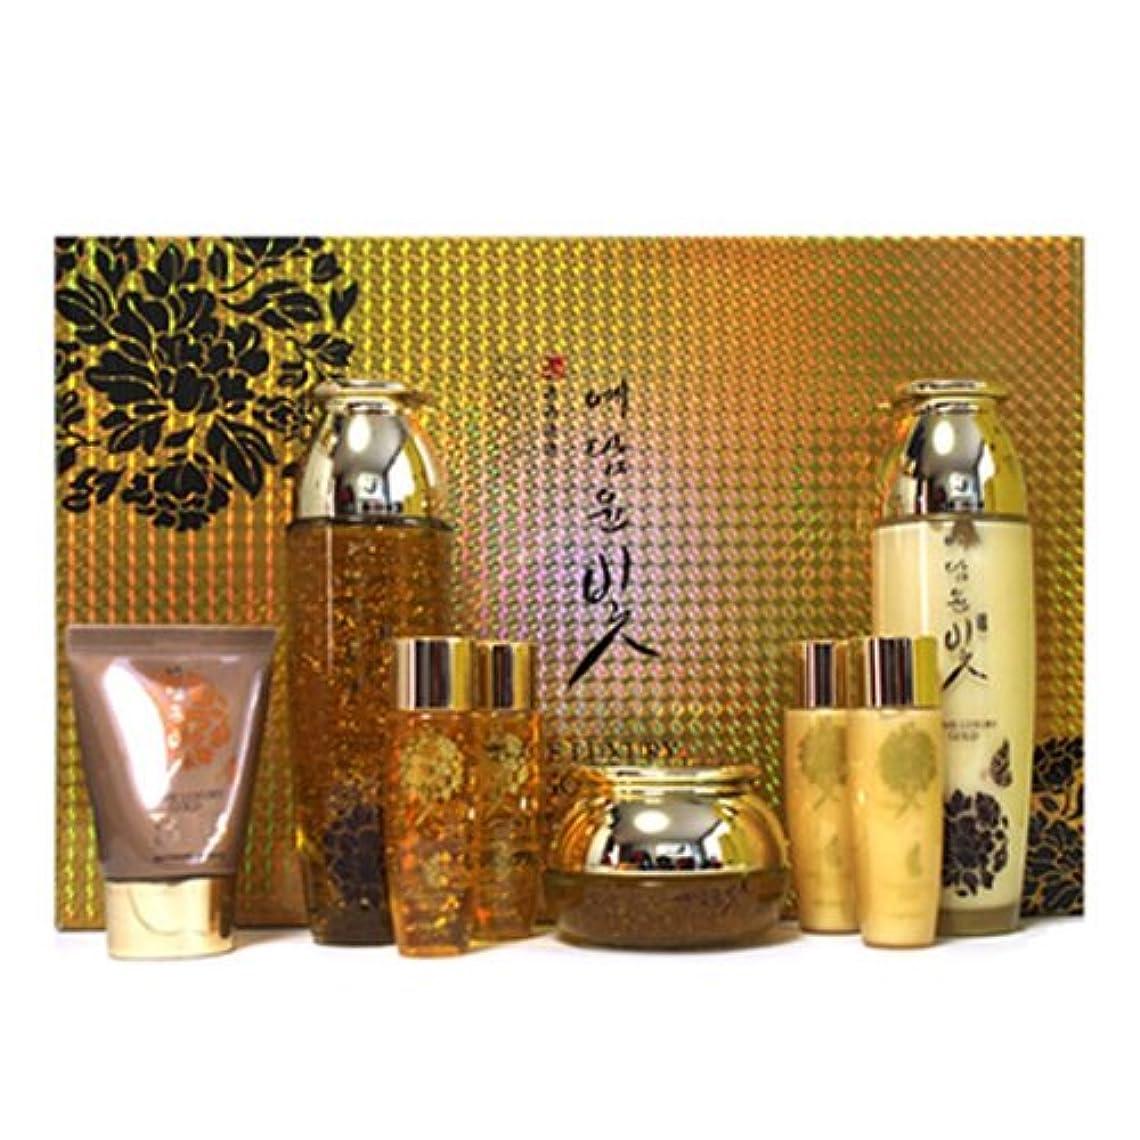 胸慢なご予約イェダムユンビト[韓国コスメYedam Yun Bit]Prime Luxury Gold Skin Care Set プライムラグジュアリーゴールドスキンケア4セット 樹液 乳液 クリーム/ BBクリーム [並行輸入品]